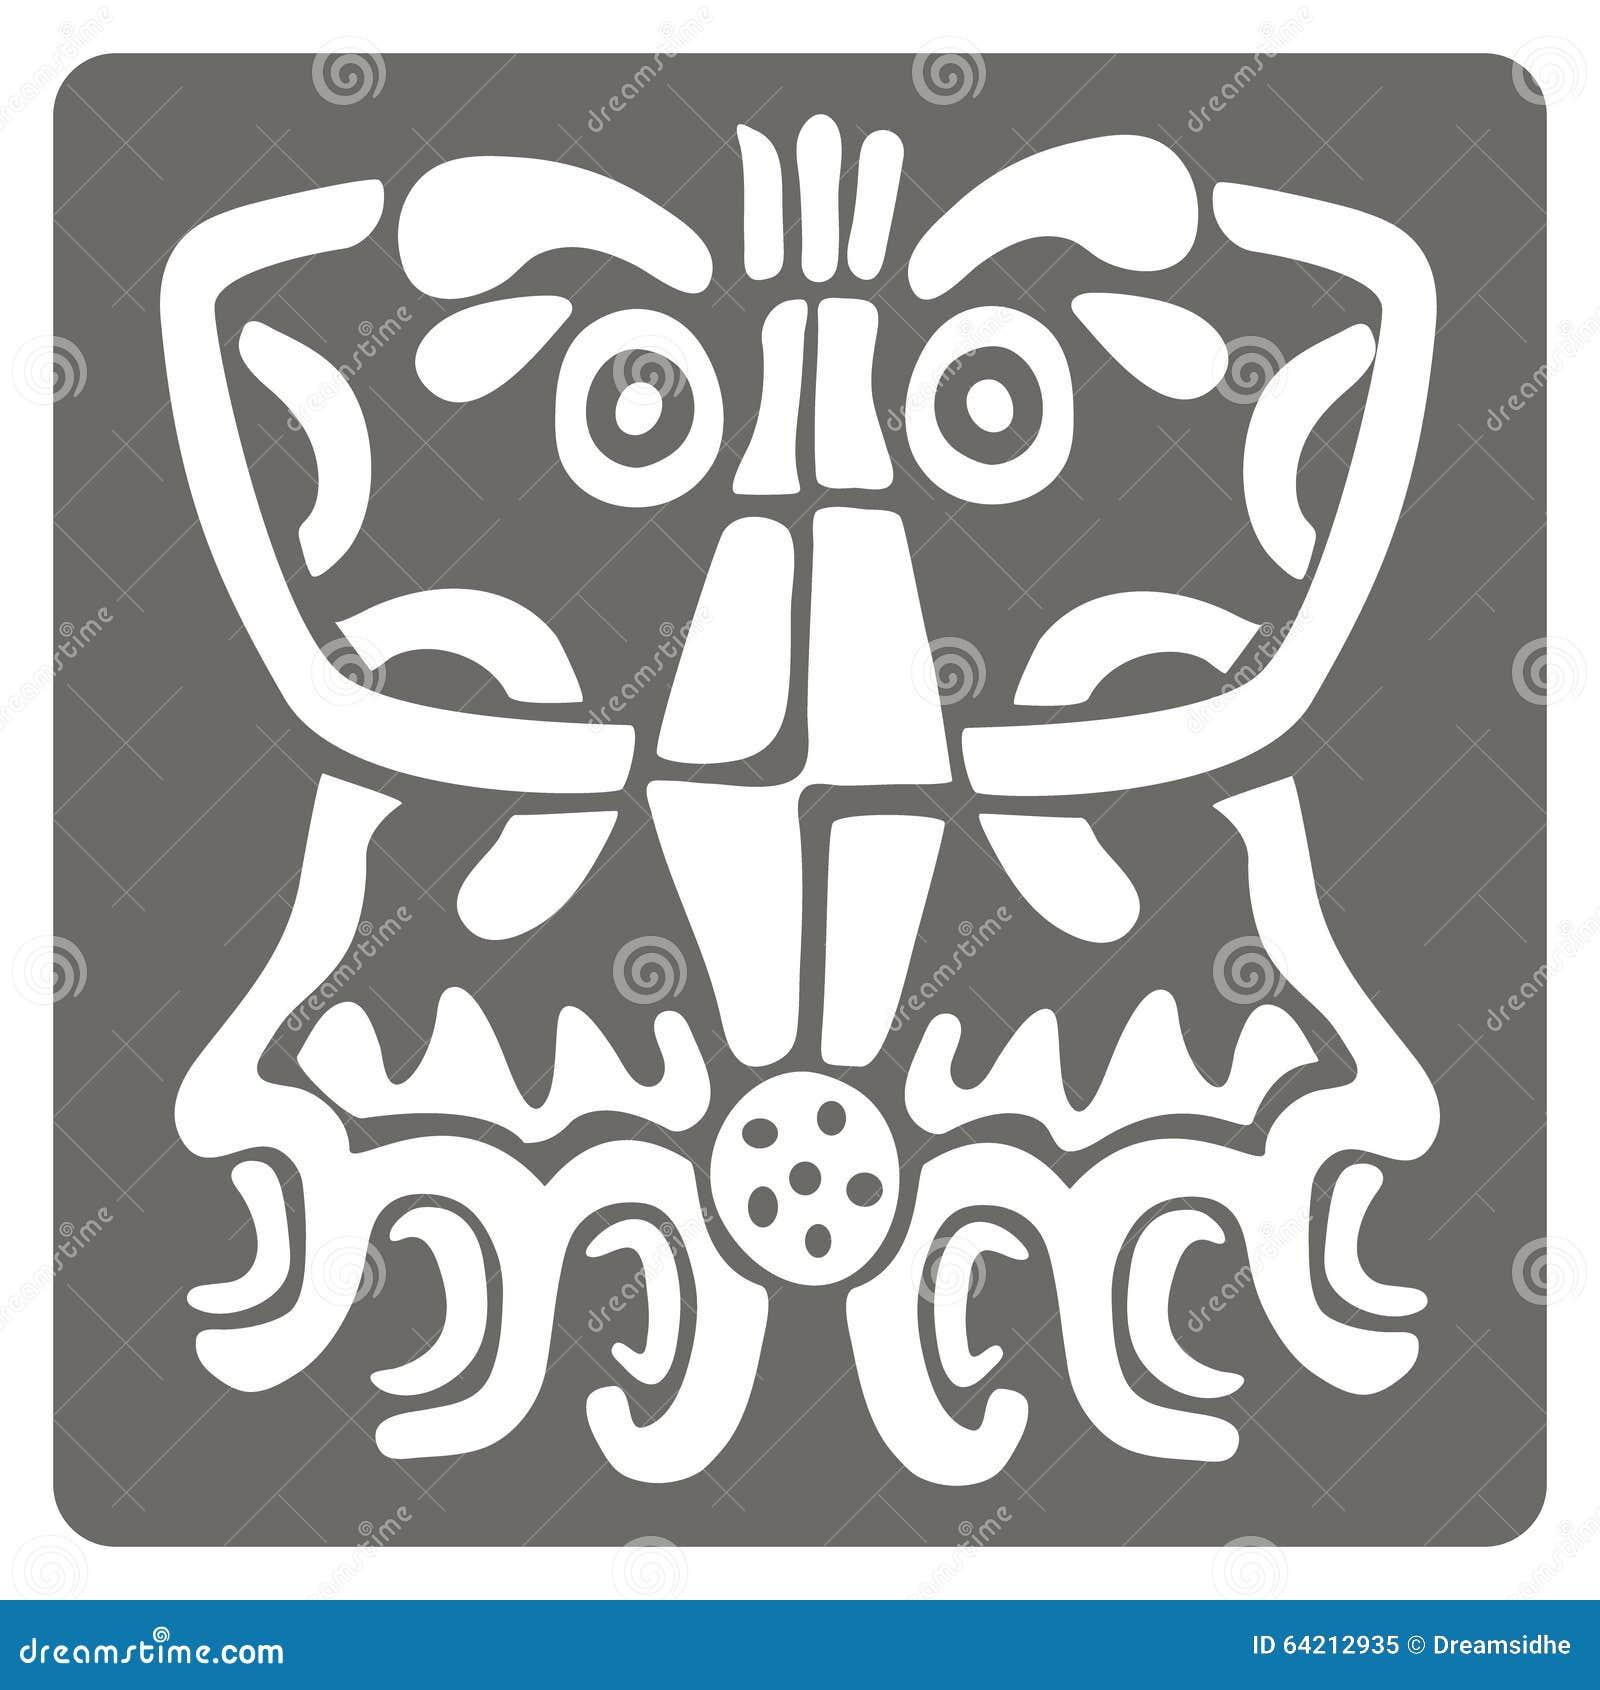 Icono monocromático con arte americano de los indios y ornamentos étnicos